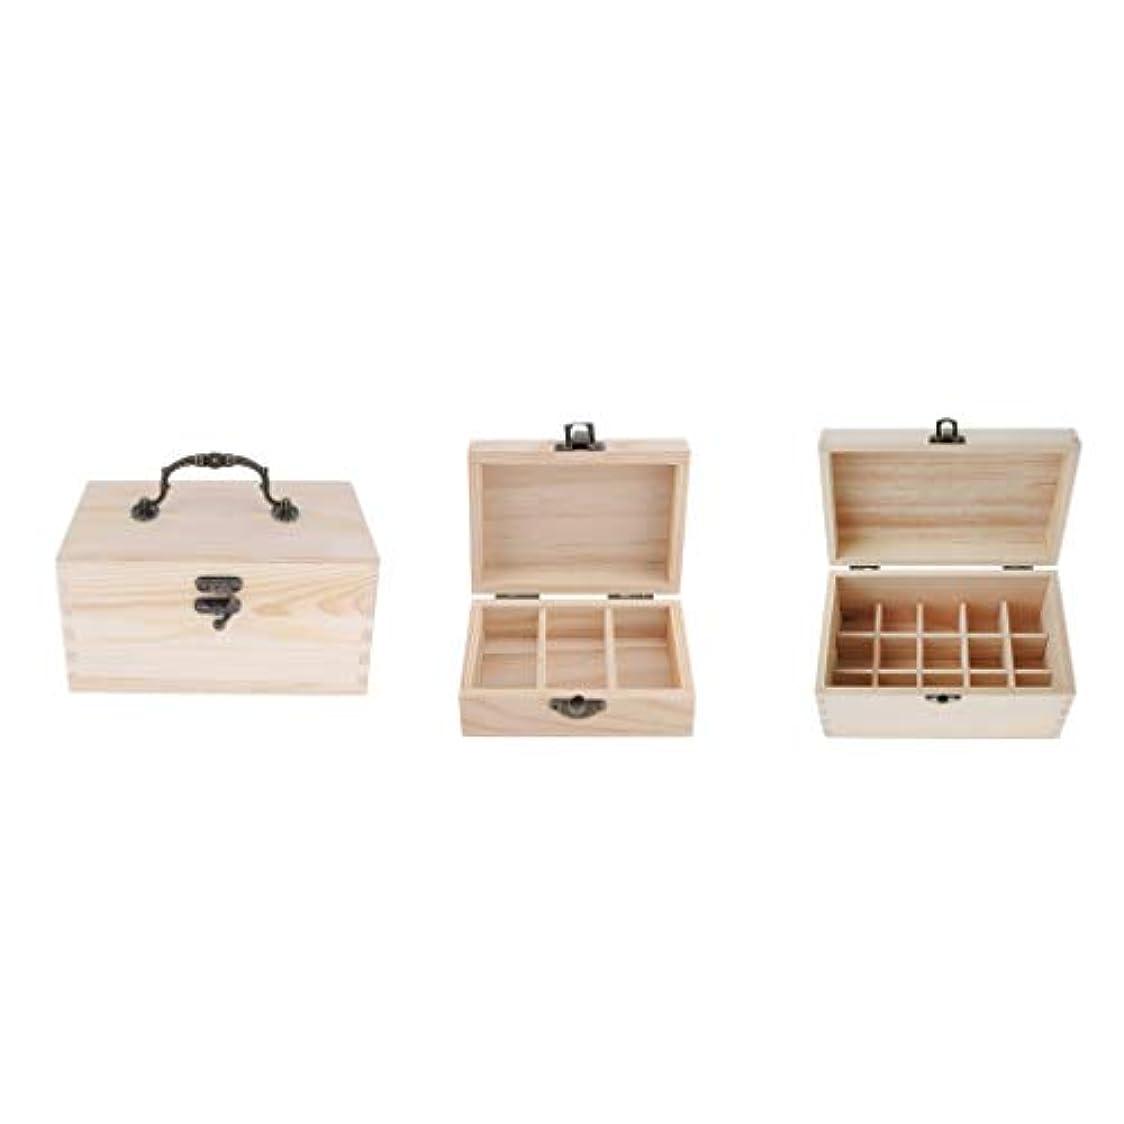 精度まもなく無礼にエッセンシャルオイル収納ボックス 精油収納ケース 超大容量 木製 精油収納 香水収納ケース 携帯用 3個入